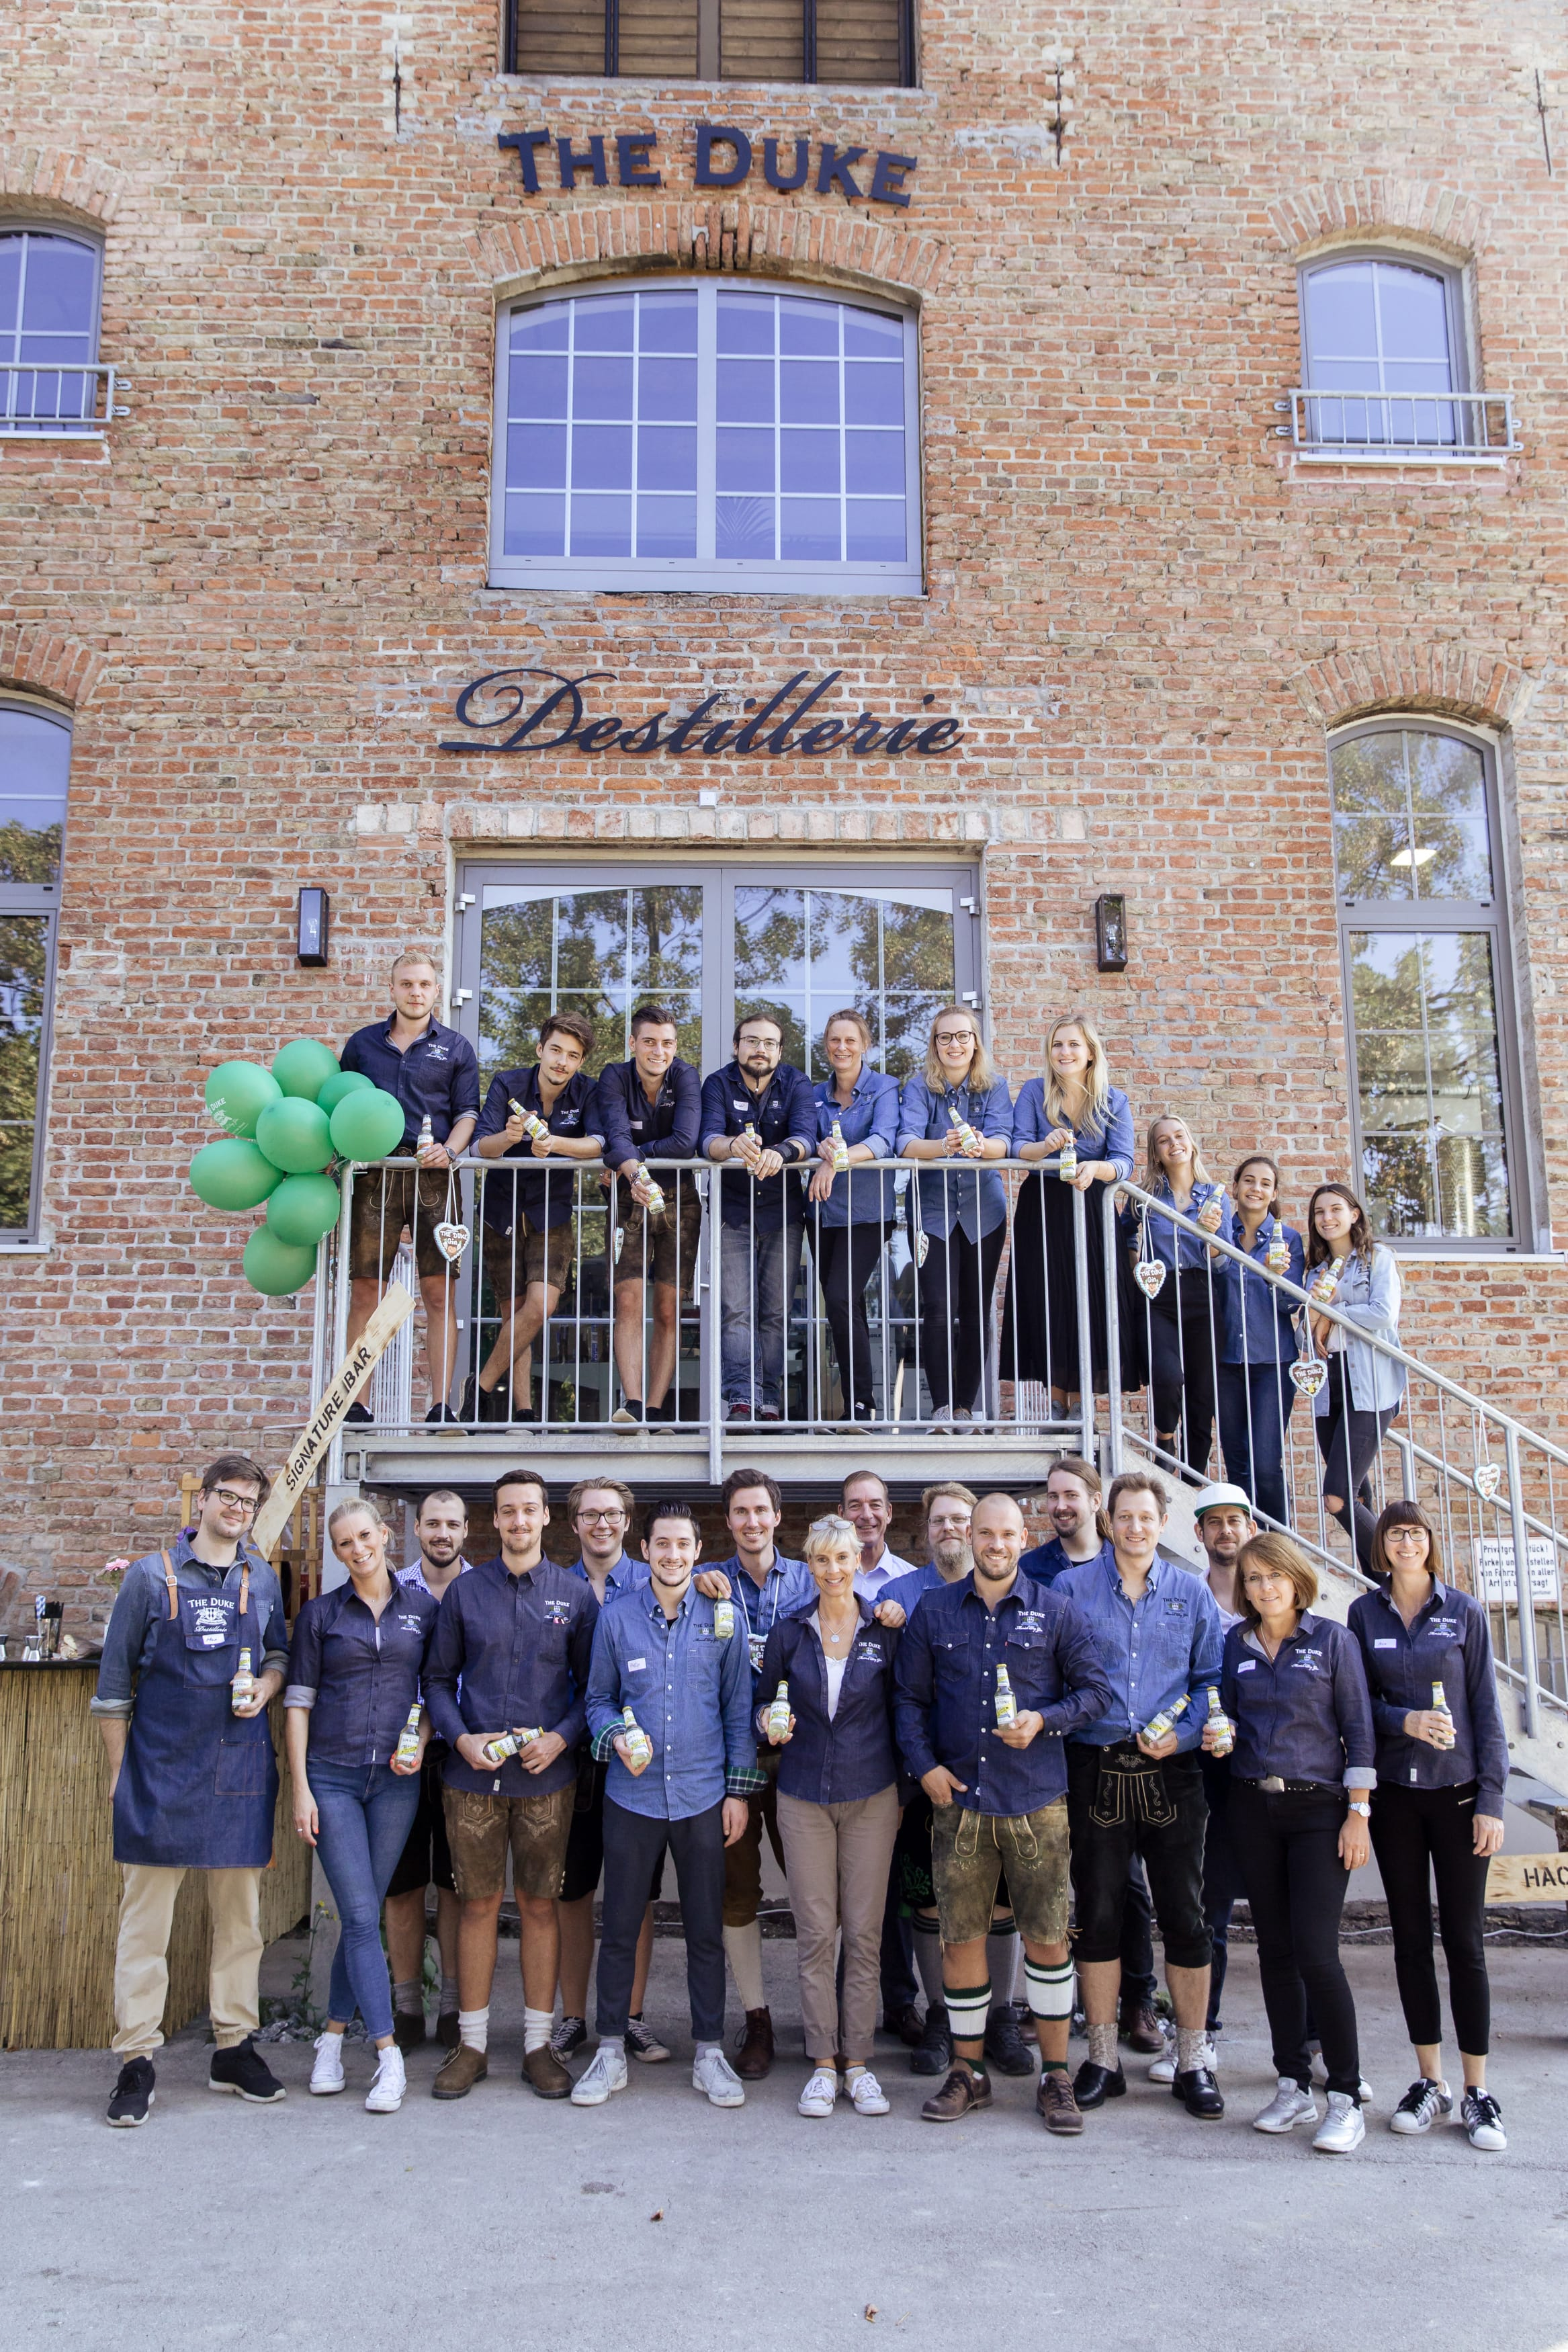 Das Team der THE DUKE Destillerie sagt Danke für die großartige Unterstützung an unserem Tag der offenen Tür!